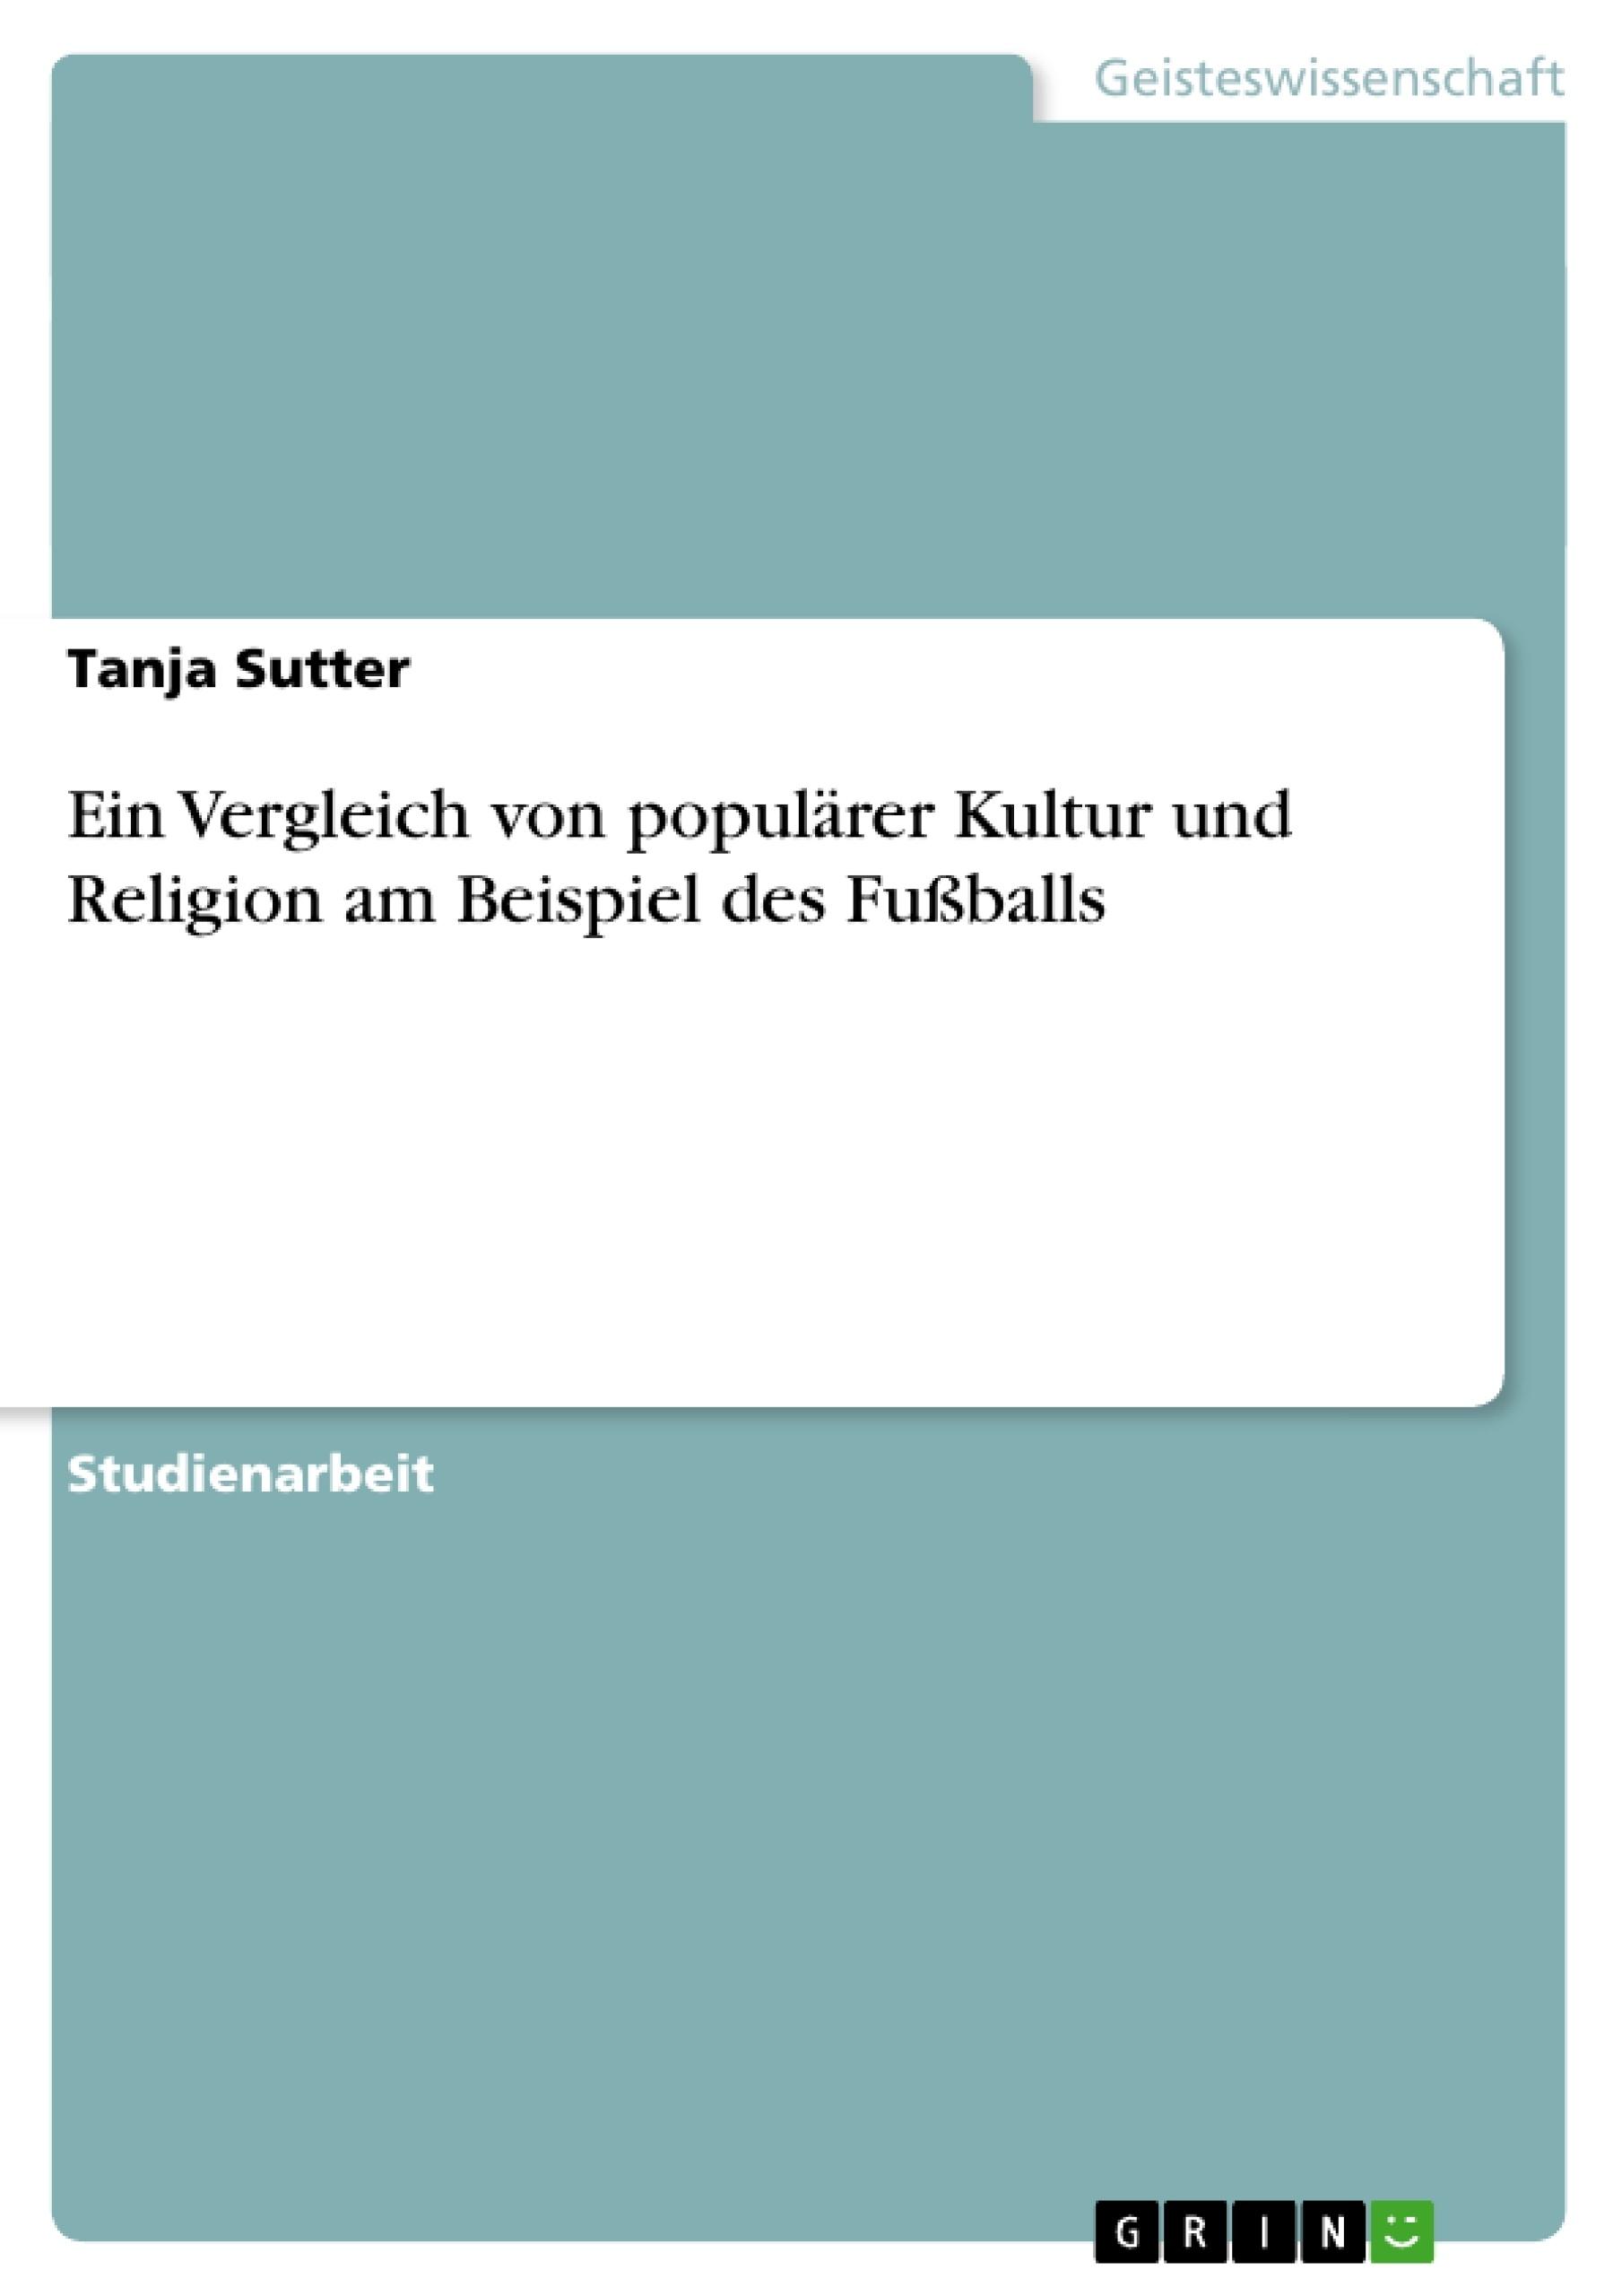 Titel: Ein Vergleich von populärer Kultur und Religion am Beispiel des Fußballs